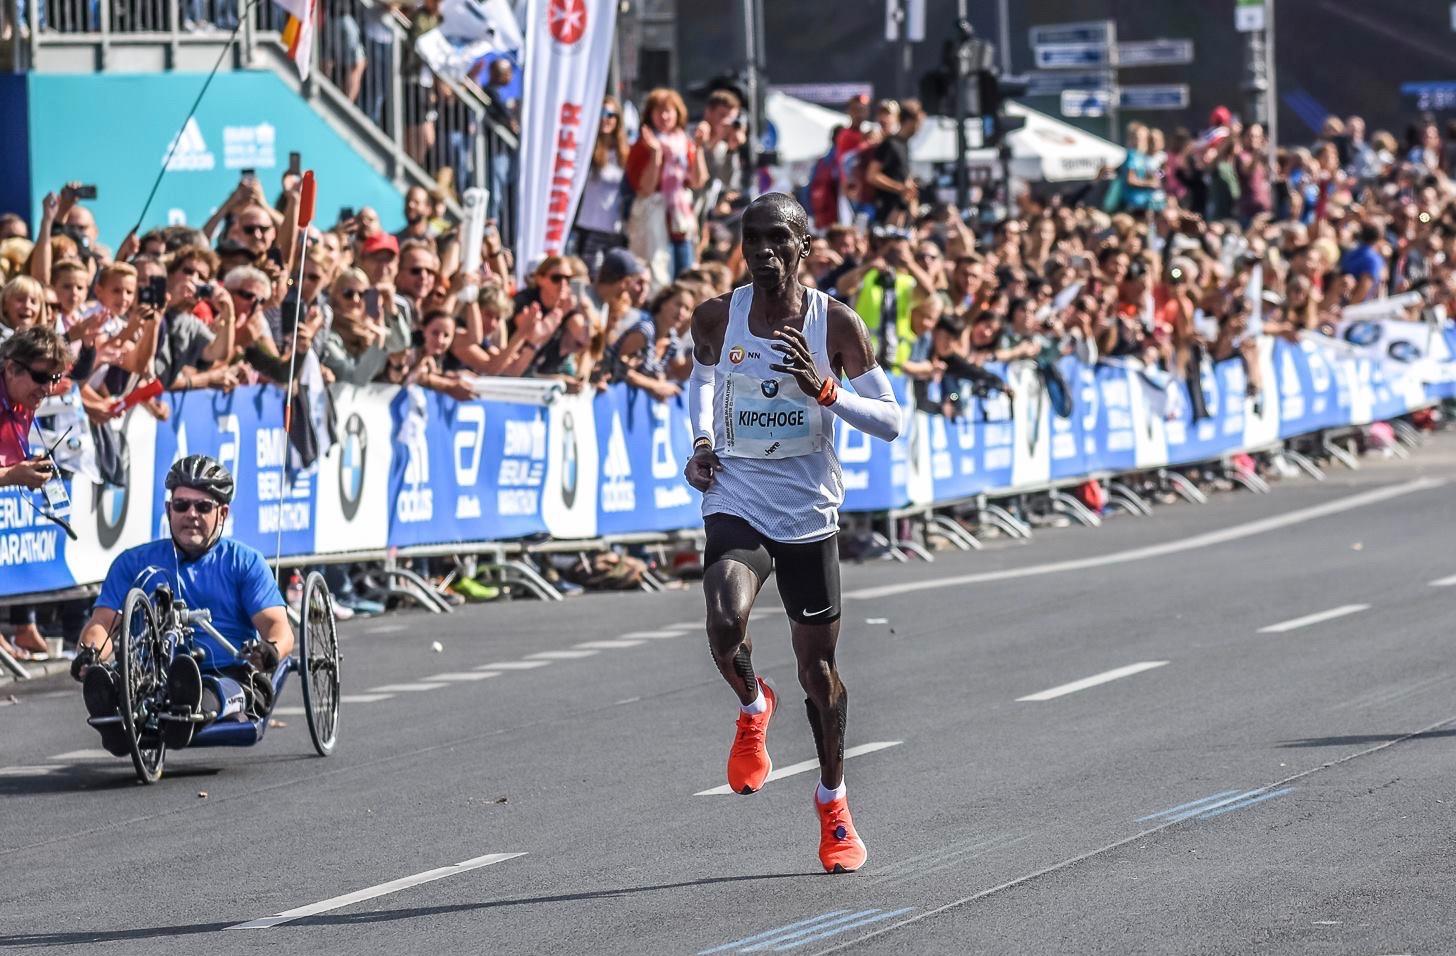 MGC開催後はマラソン2時間切りの挑戦が気になる!キプチョゲ選手の「イネオス1:59チャレンジ」